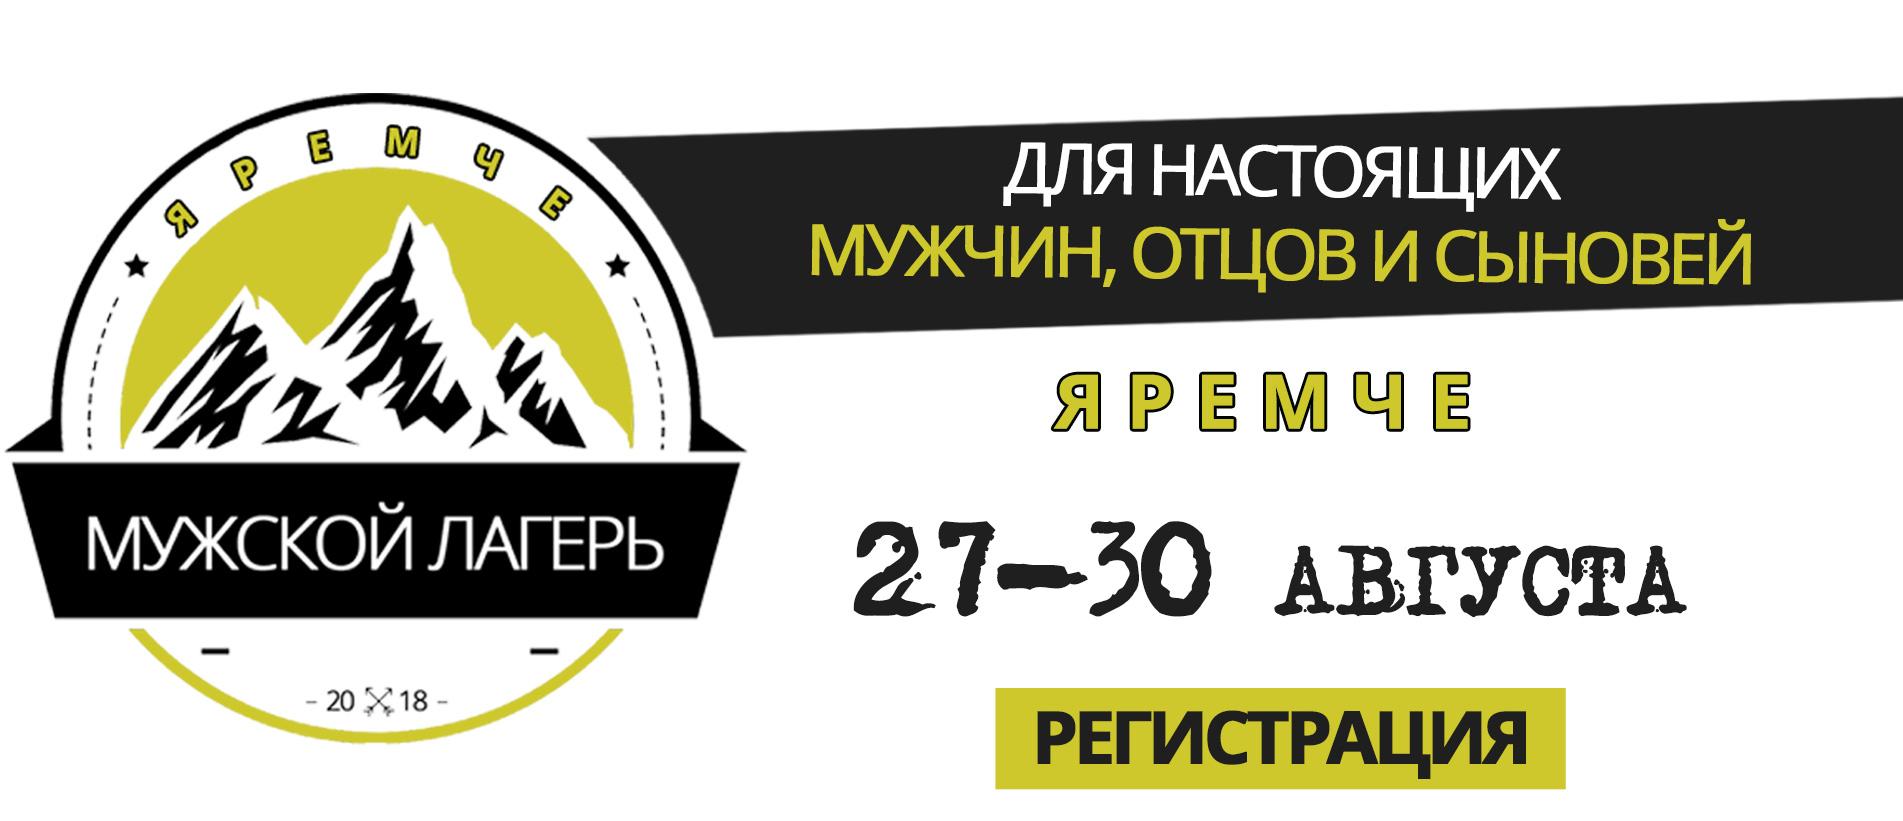 Лагерь для настоящих мужчин 27-31.08